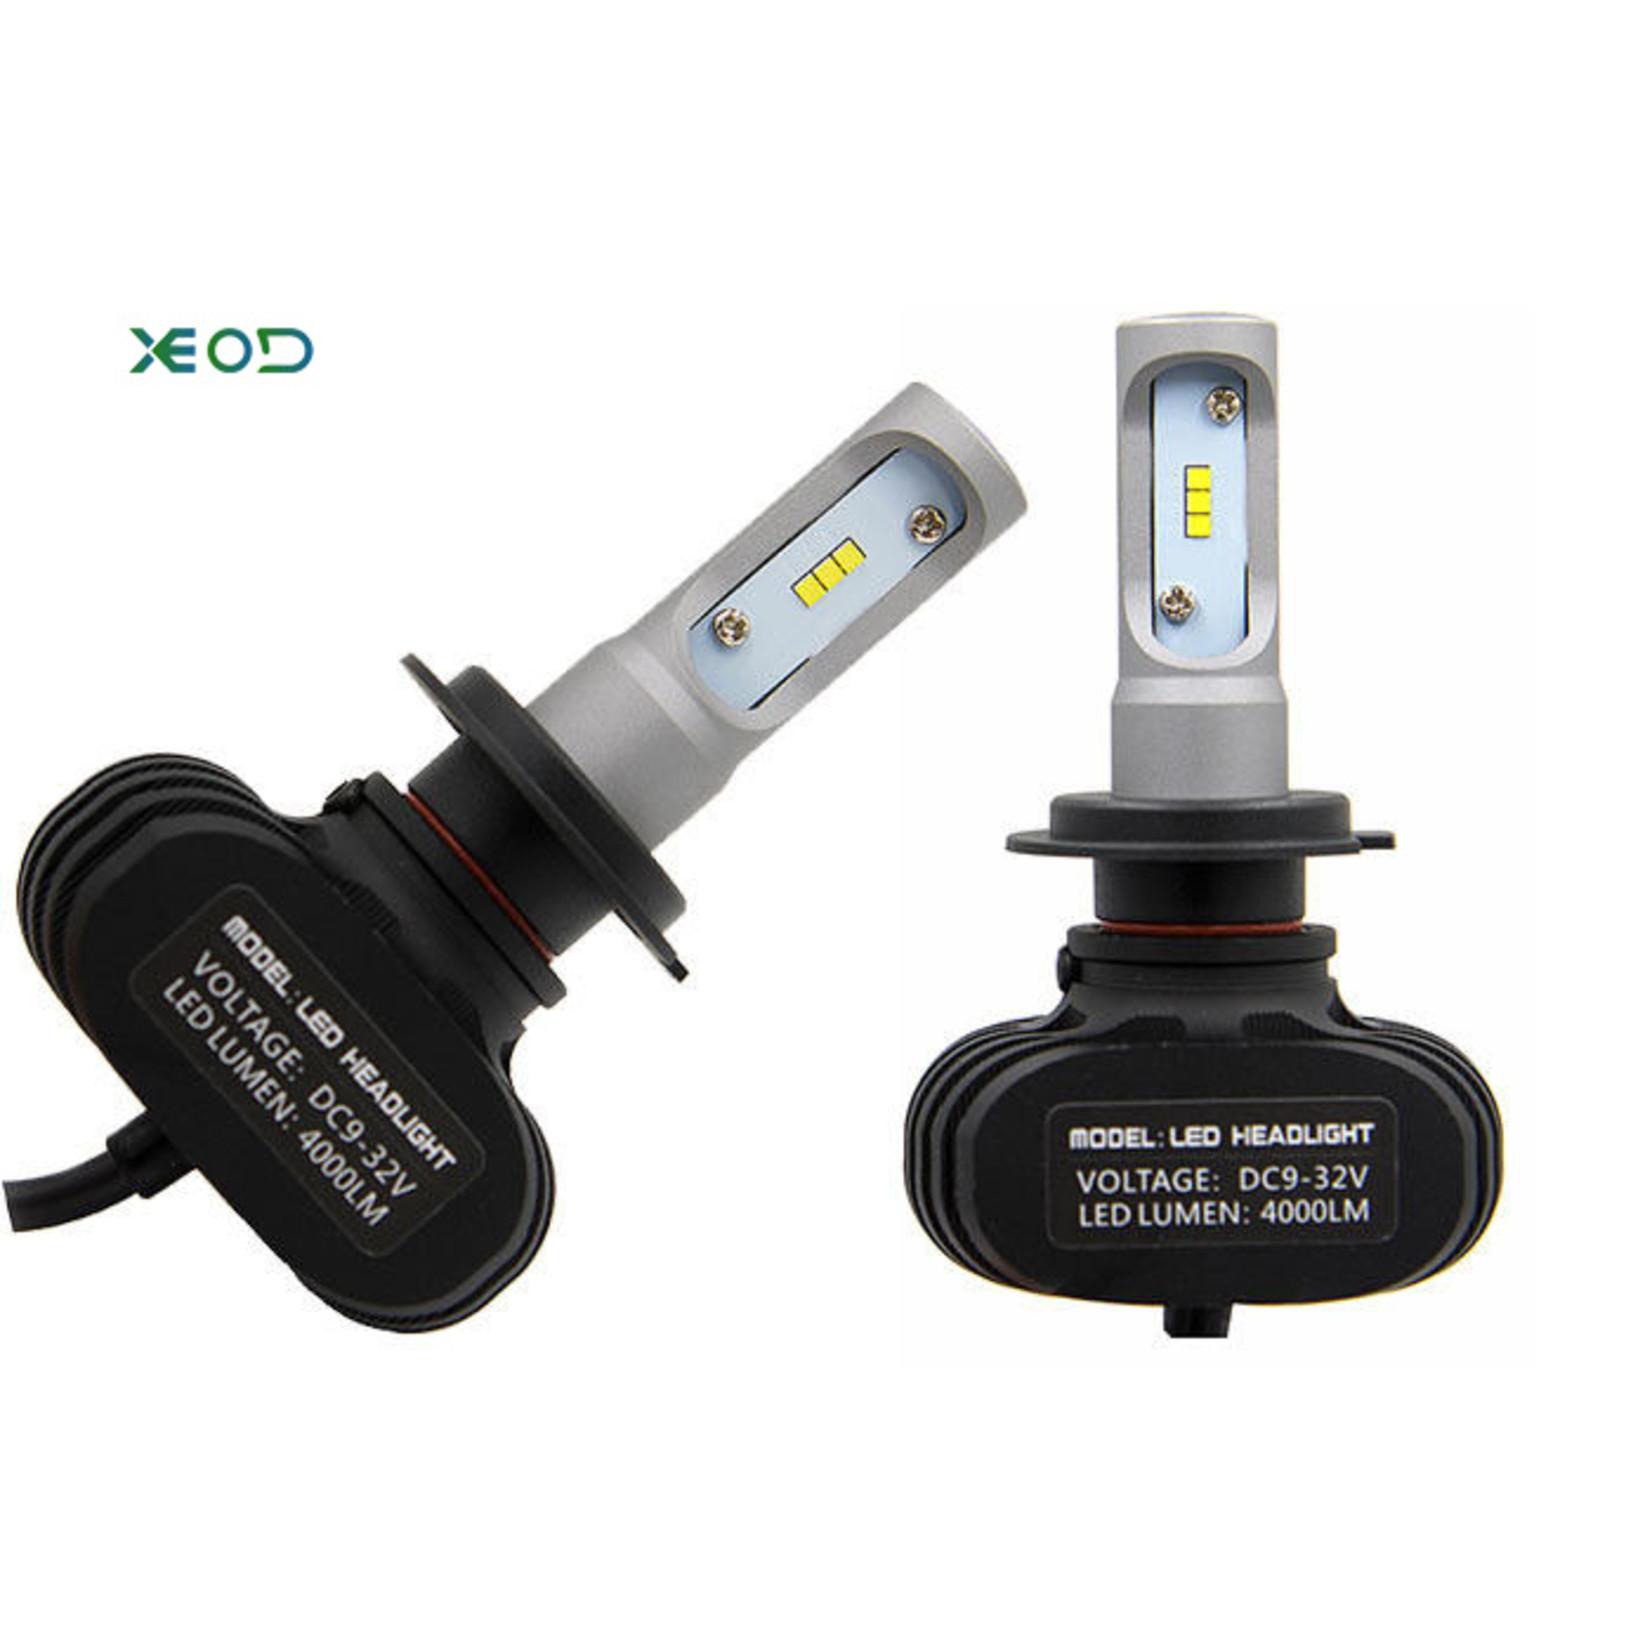 XEOD H7 LED koplamp set